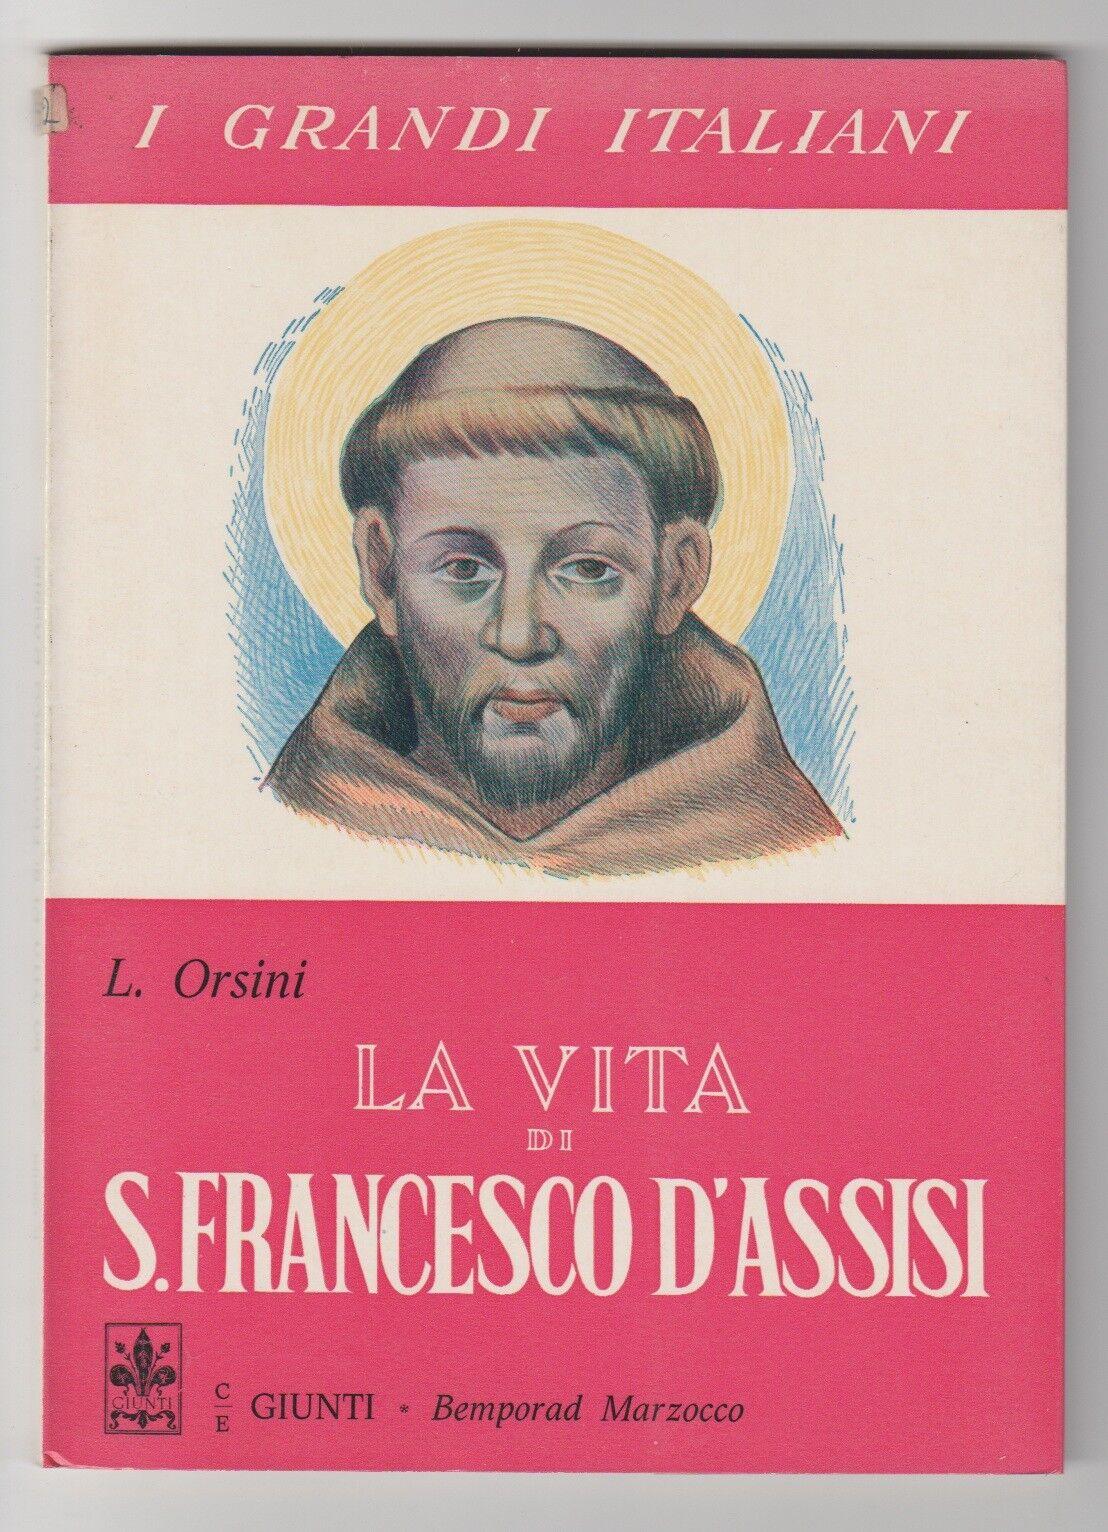 La vita di s. Francesco d'Assisi